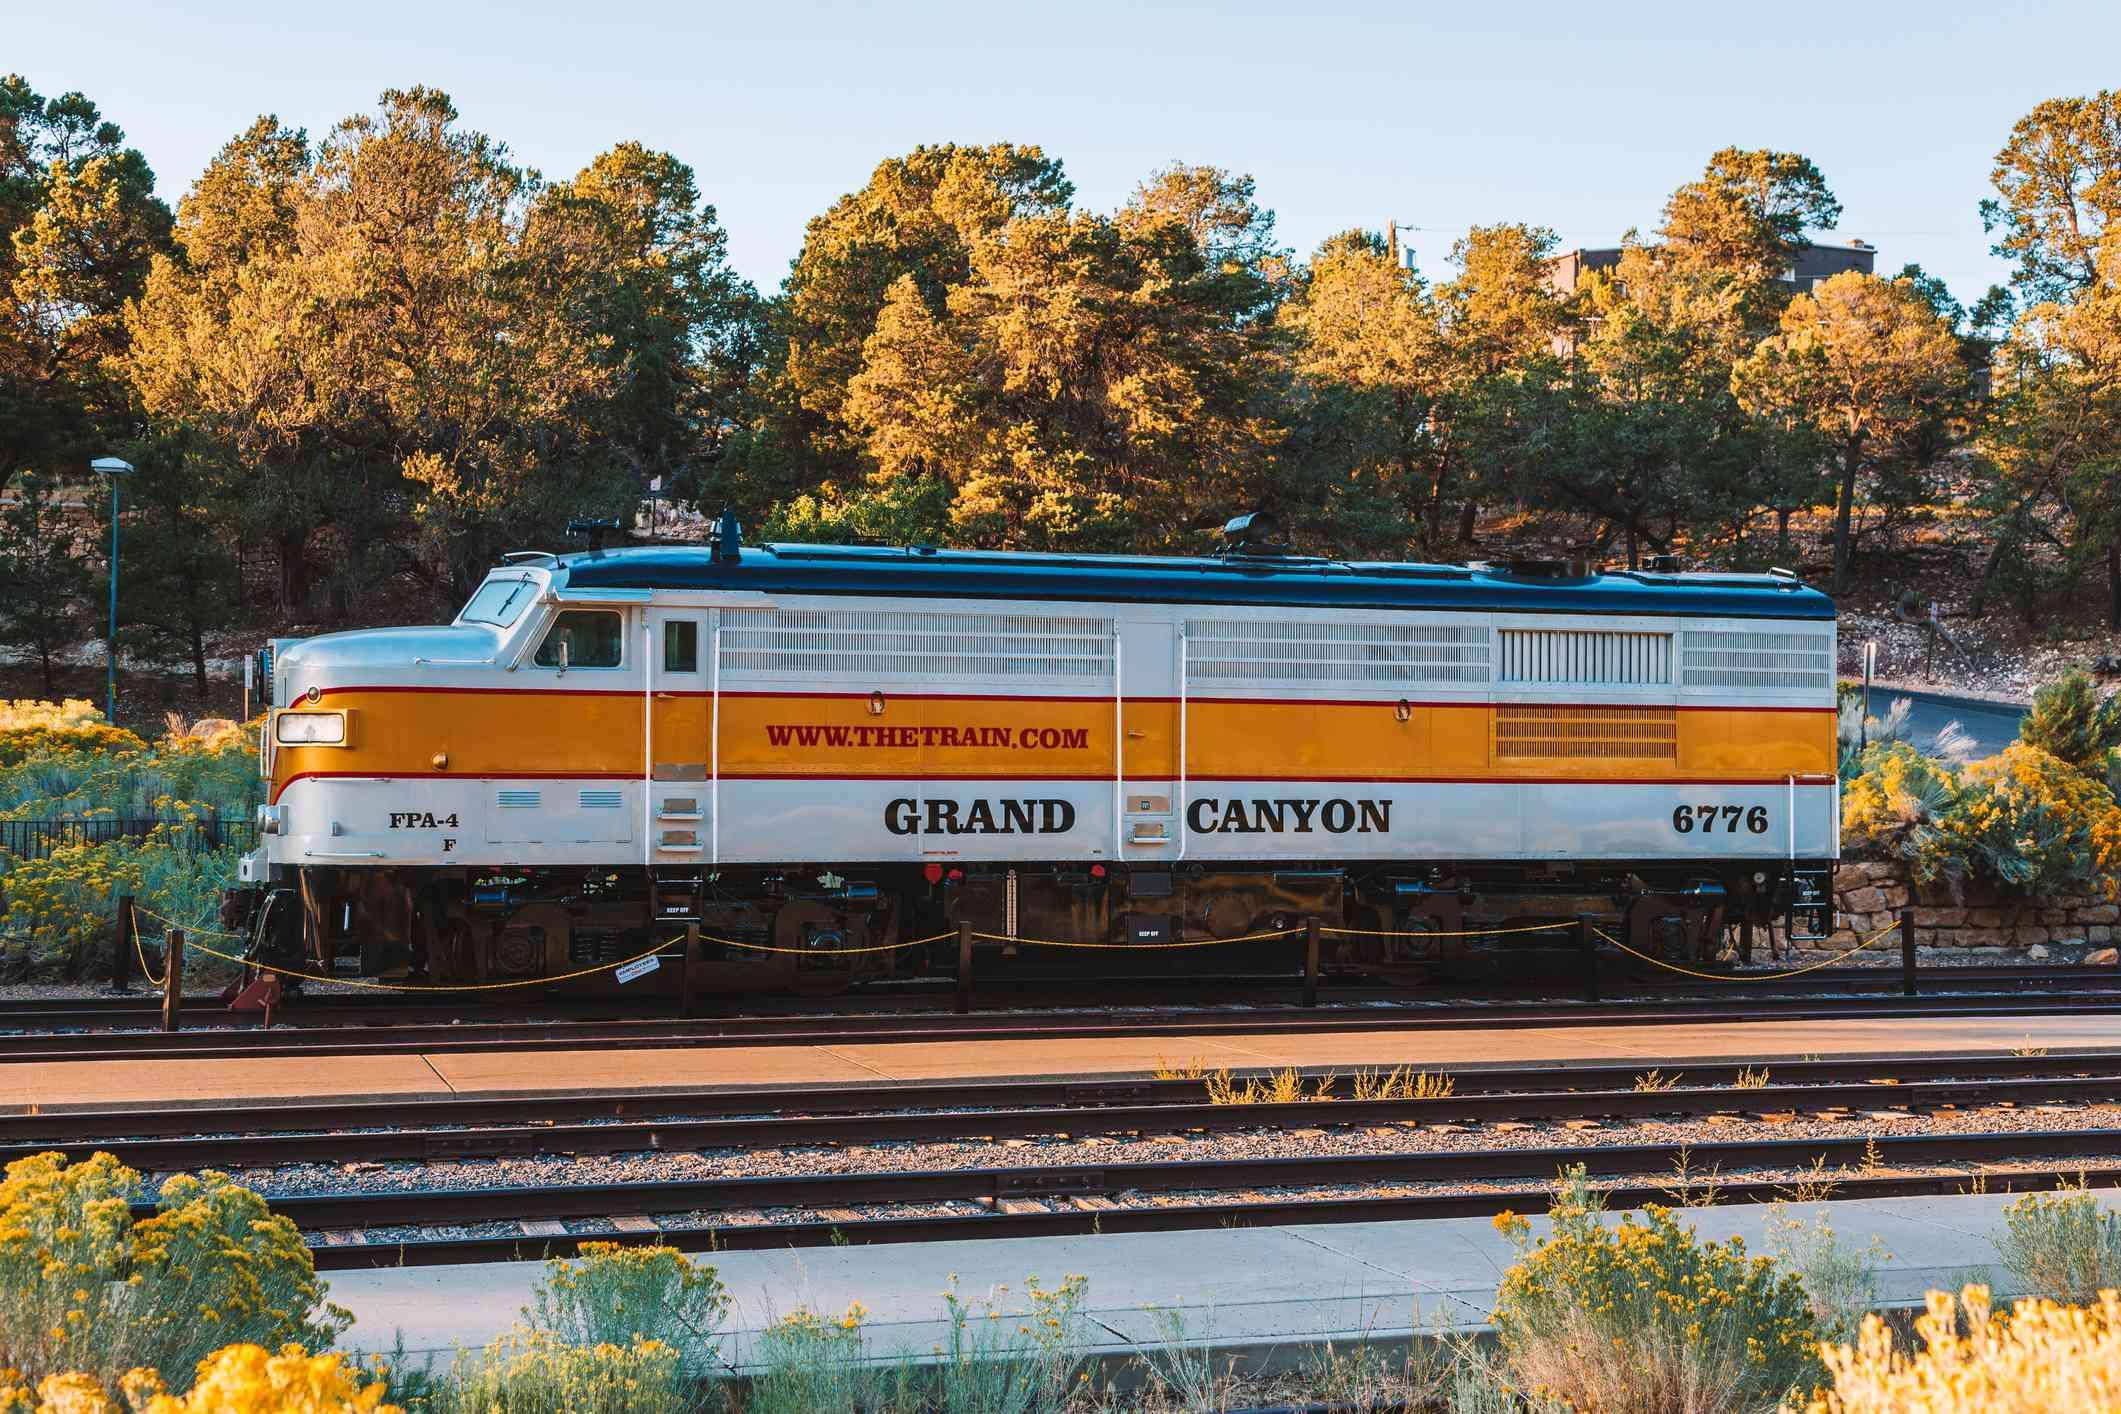 Grand Canyon Railway train at Grand Canyon Village